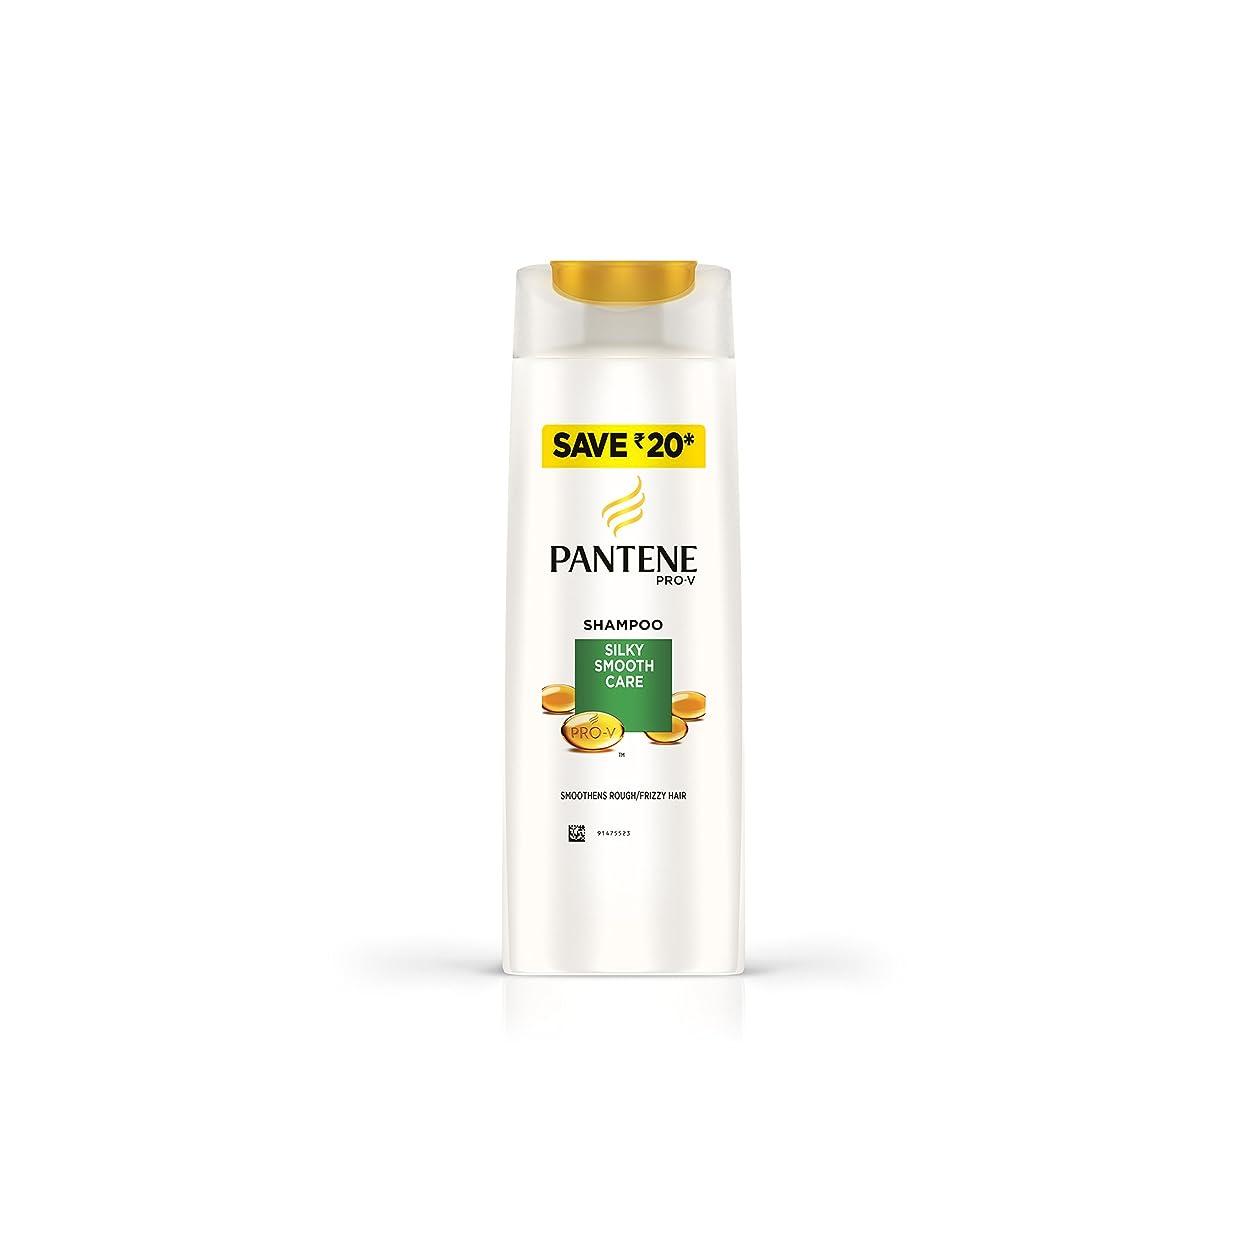 含意信頼できるタックルPANTENE SILKY SMOOTH CARE SHAMPOO 180 ml (PANTENE SILKYスムースケアシャンプー180 ml)